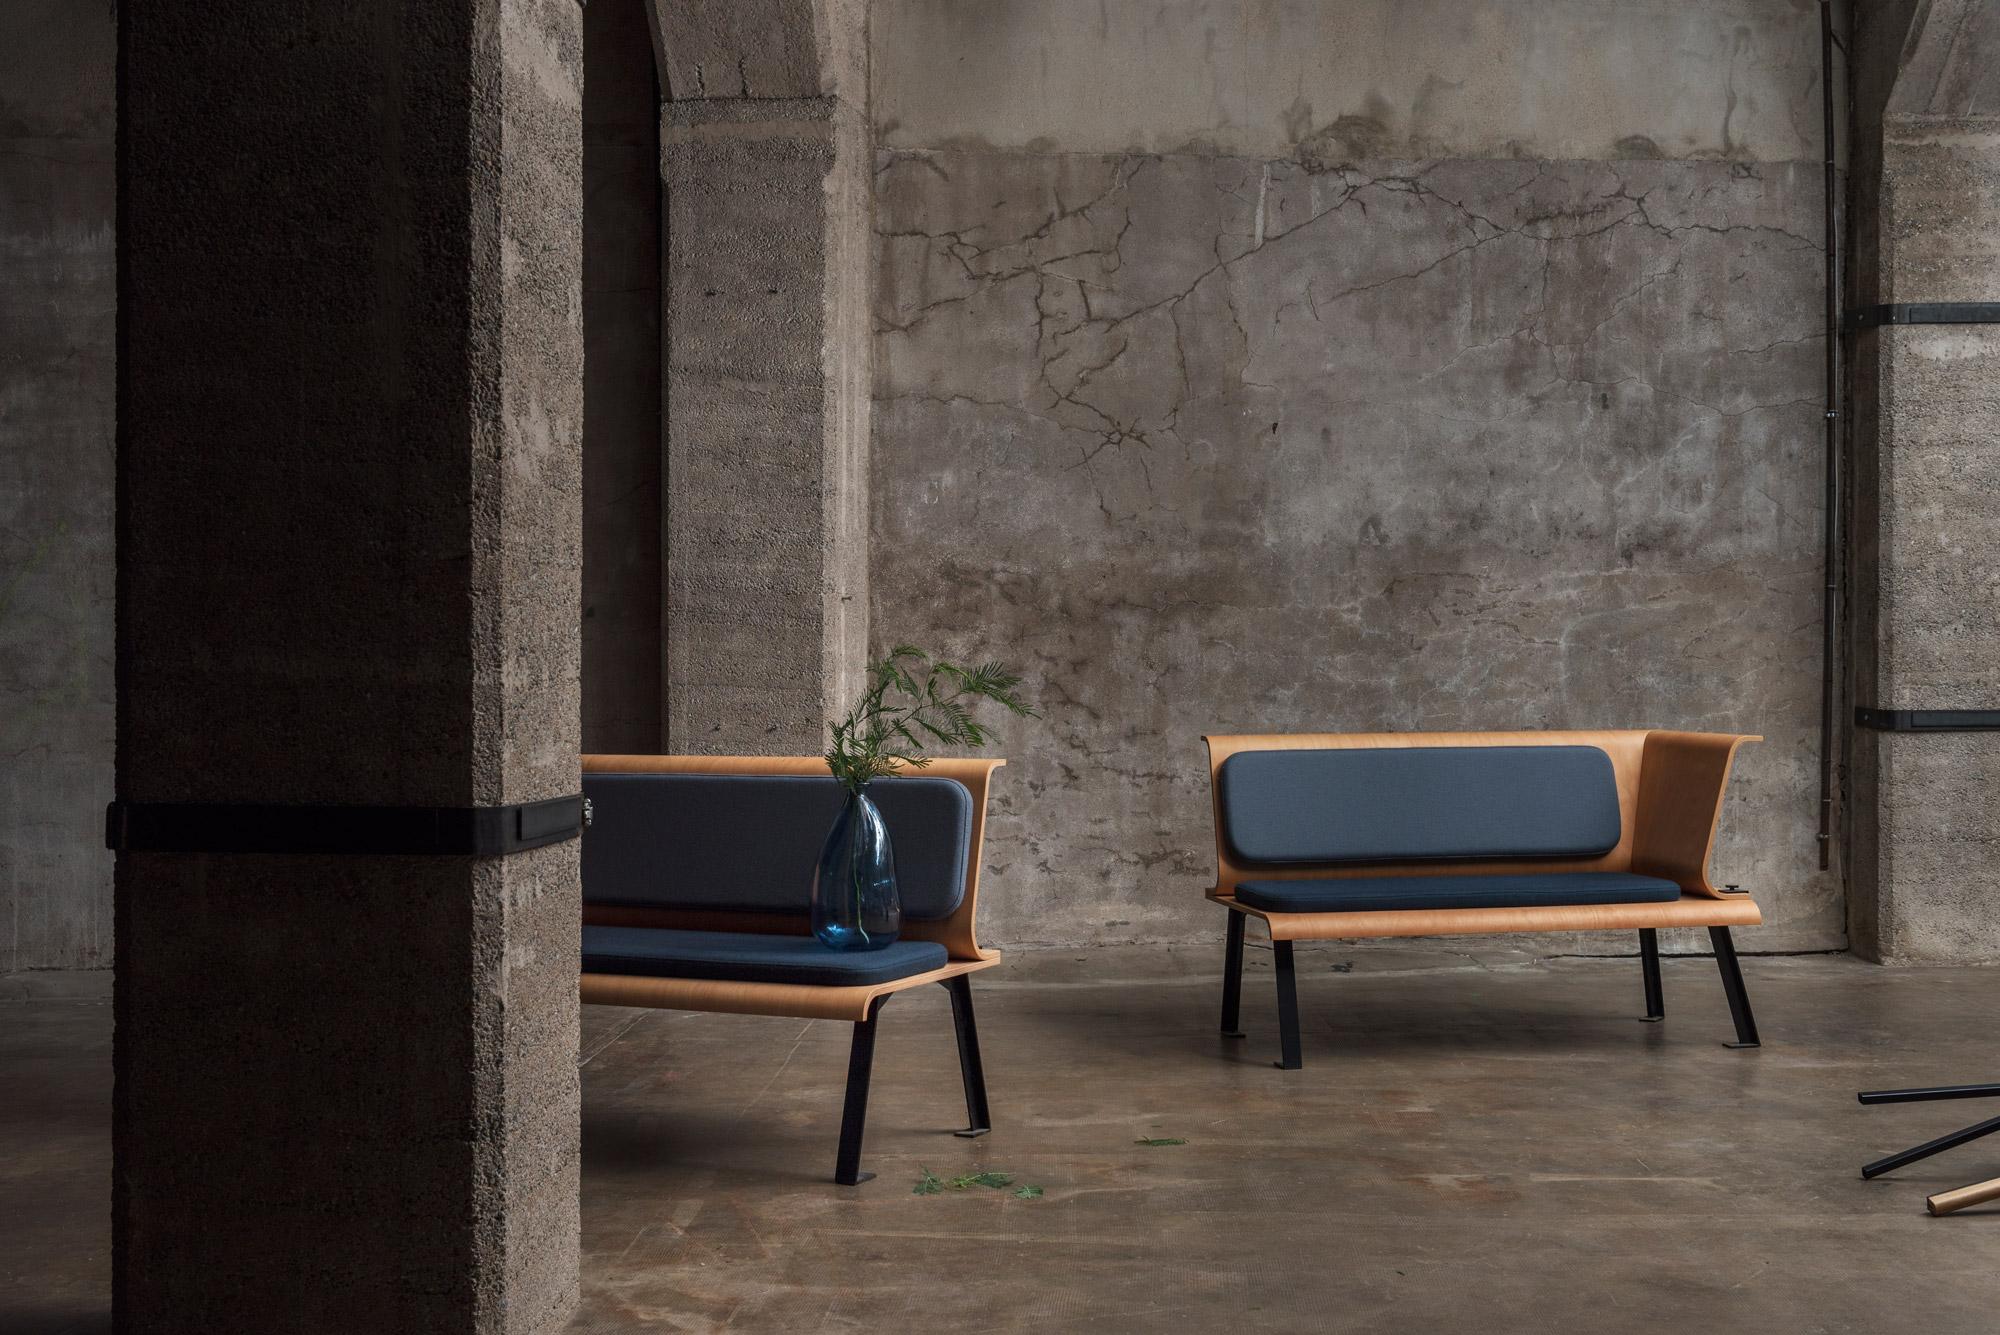 Banquette Endless Summer / Coque en bois / Piétement métal noir / Assise et dossier gris / Décor Industriel, béton / Design Thierry D'Istria / Editeur SOCA